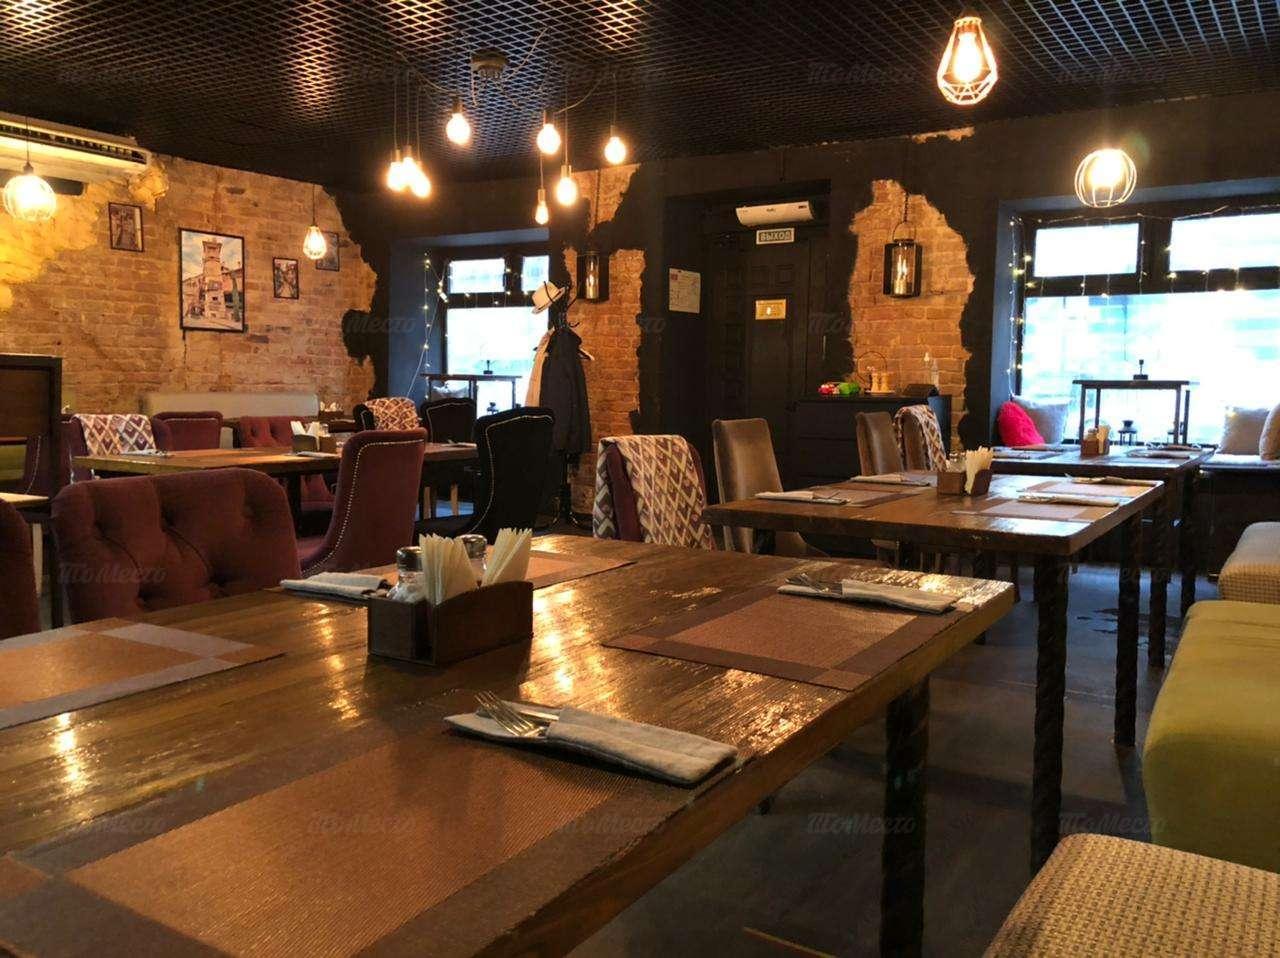 Кафе Мизандари (бывш. Дон Корлеоне) на Старой Басманной фото 6